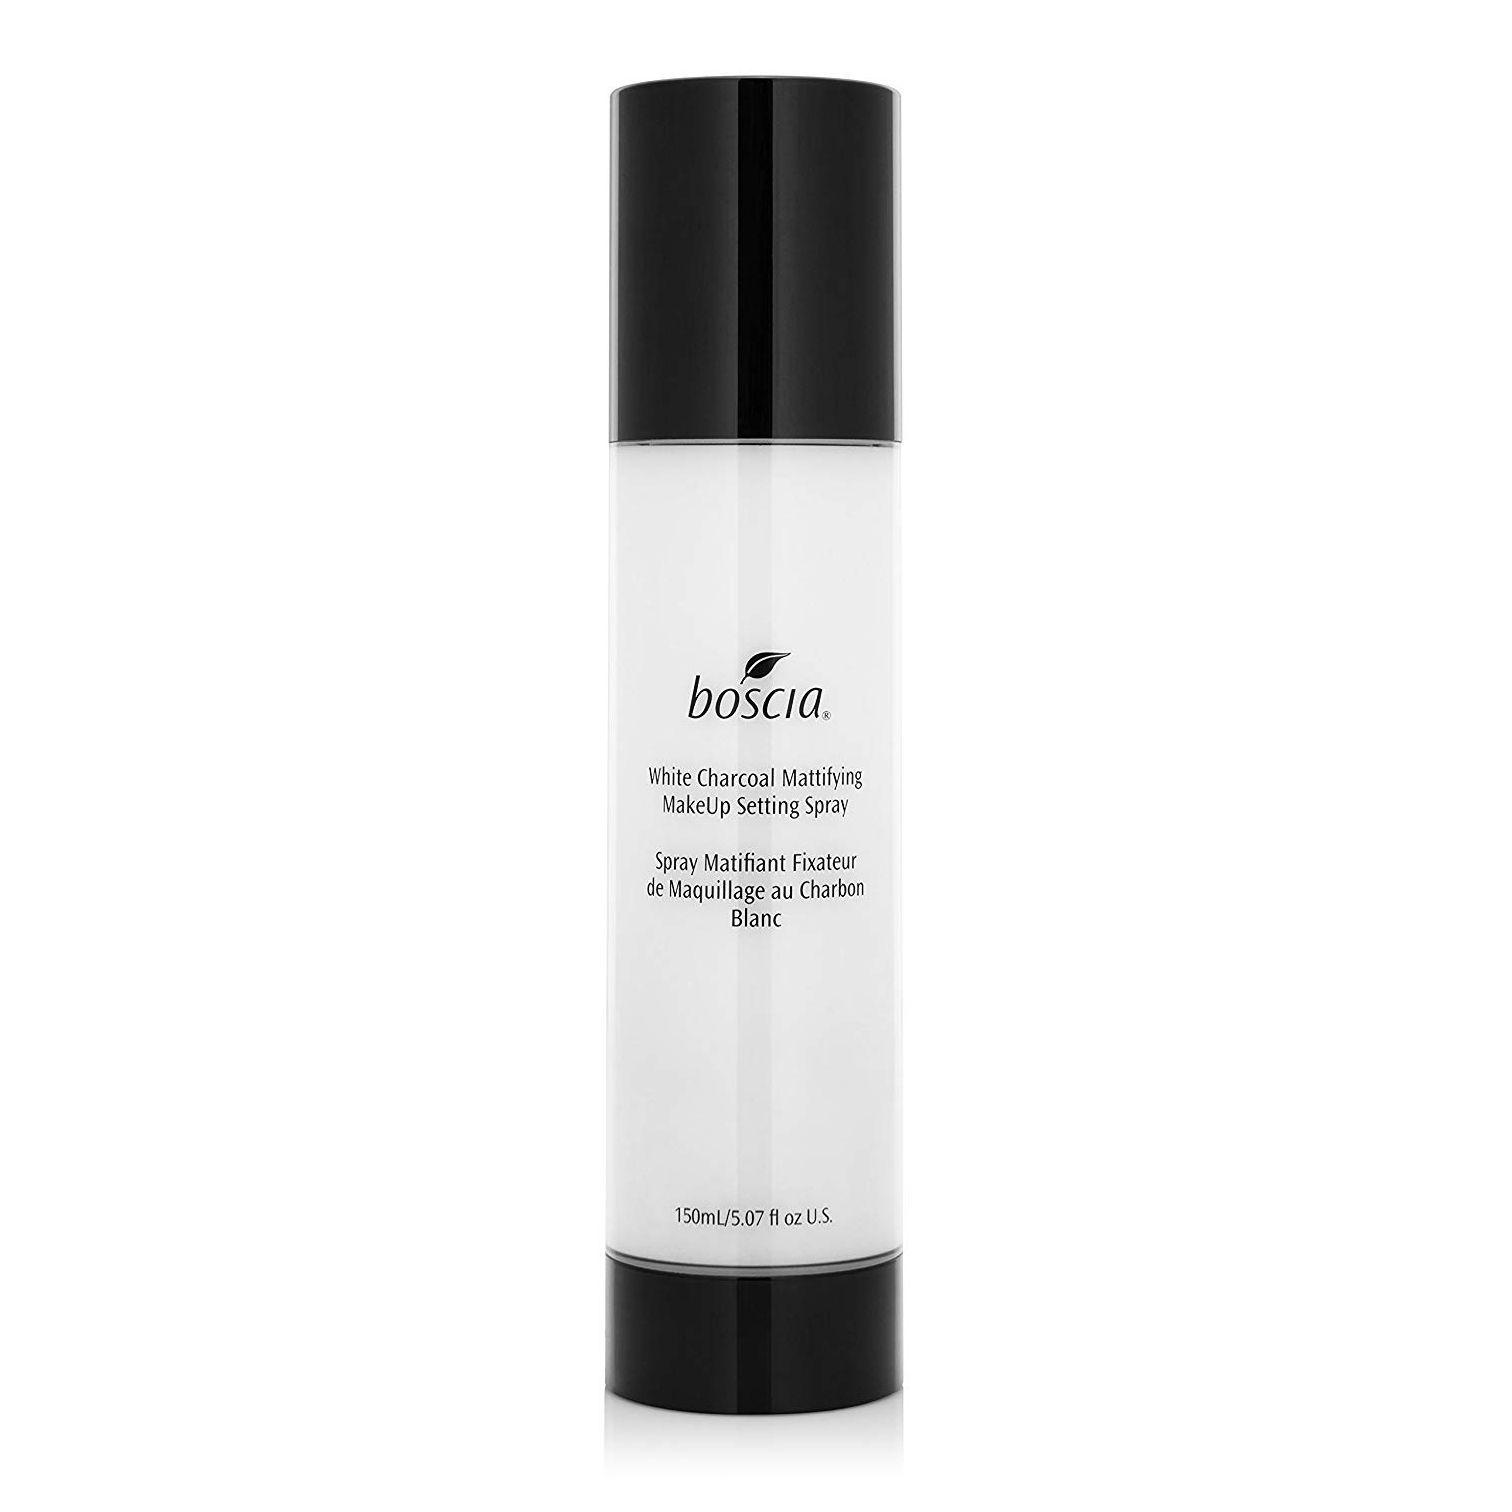 0e0429b318d0 Boscia White Charcoal Mattifying Makeup Setting Spray